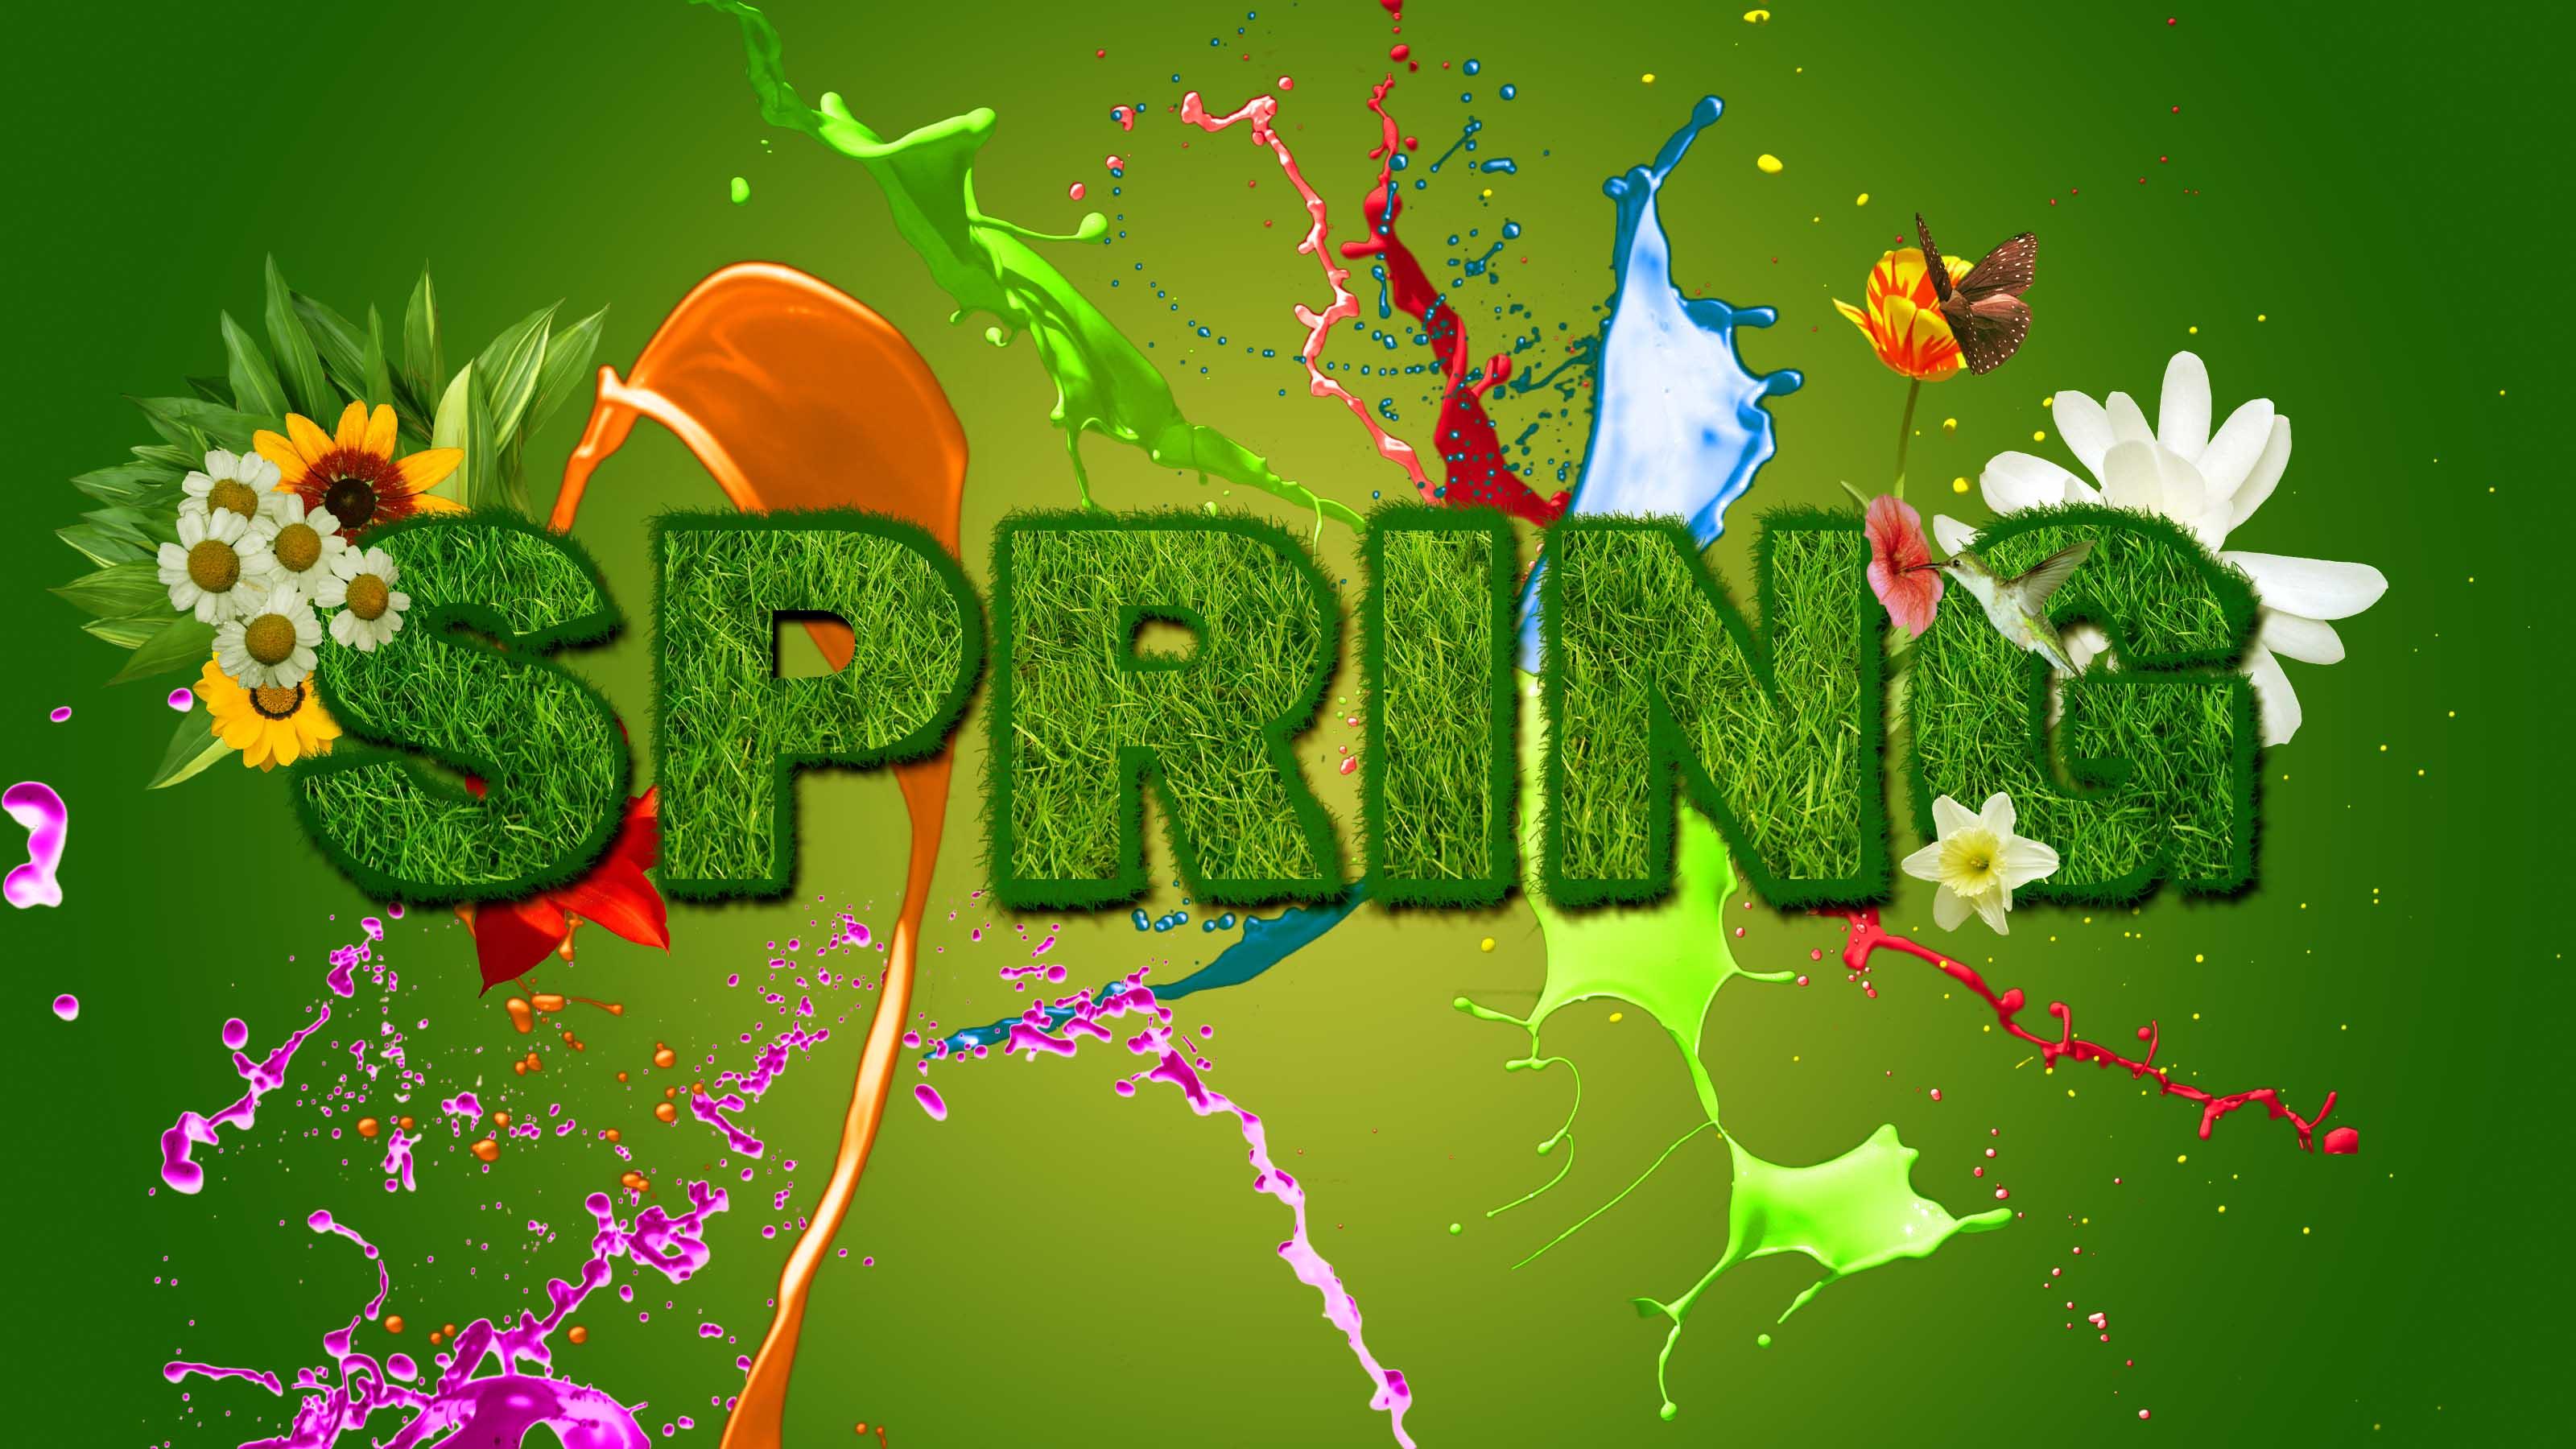 Bing Free Wallpaper Spring Flowers